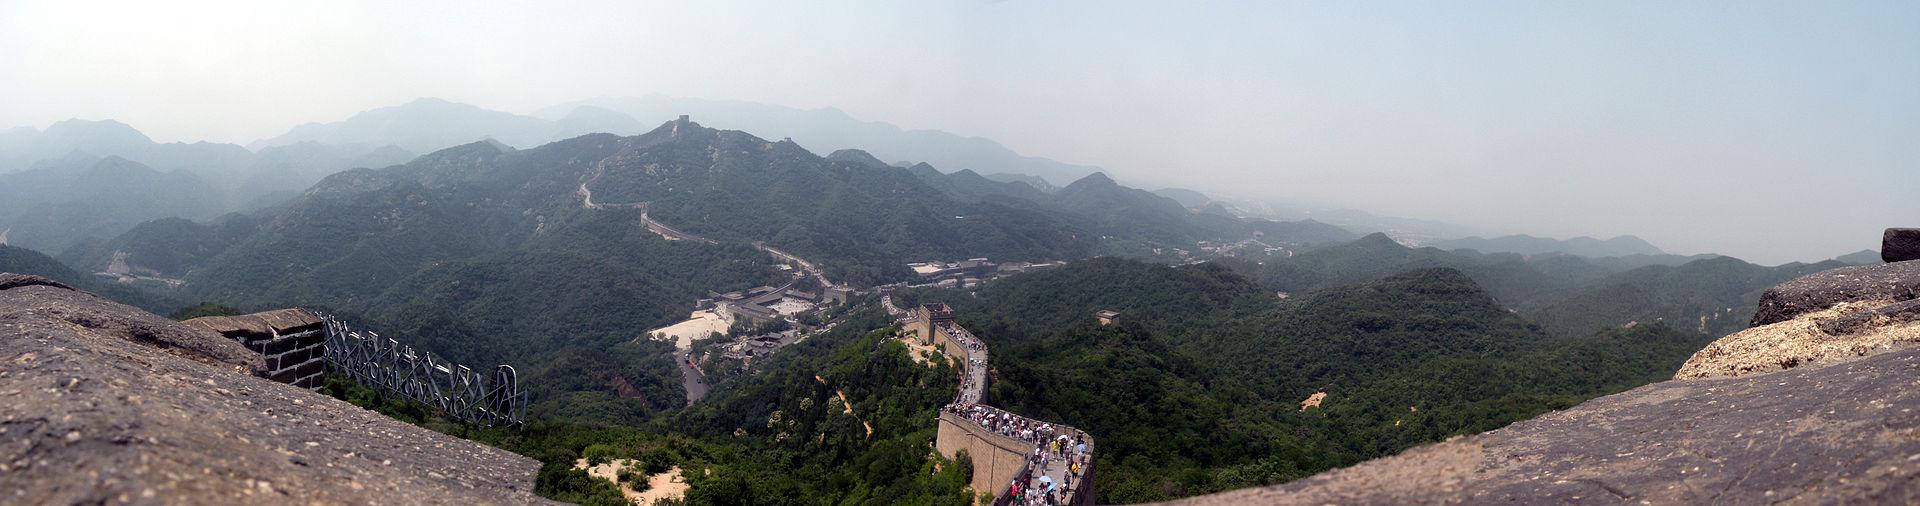 Rave auf der Chinesischen Mauer – das YinYang-Music Festival